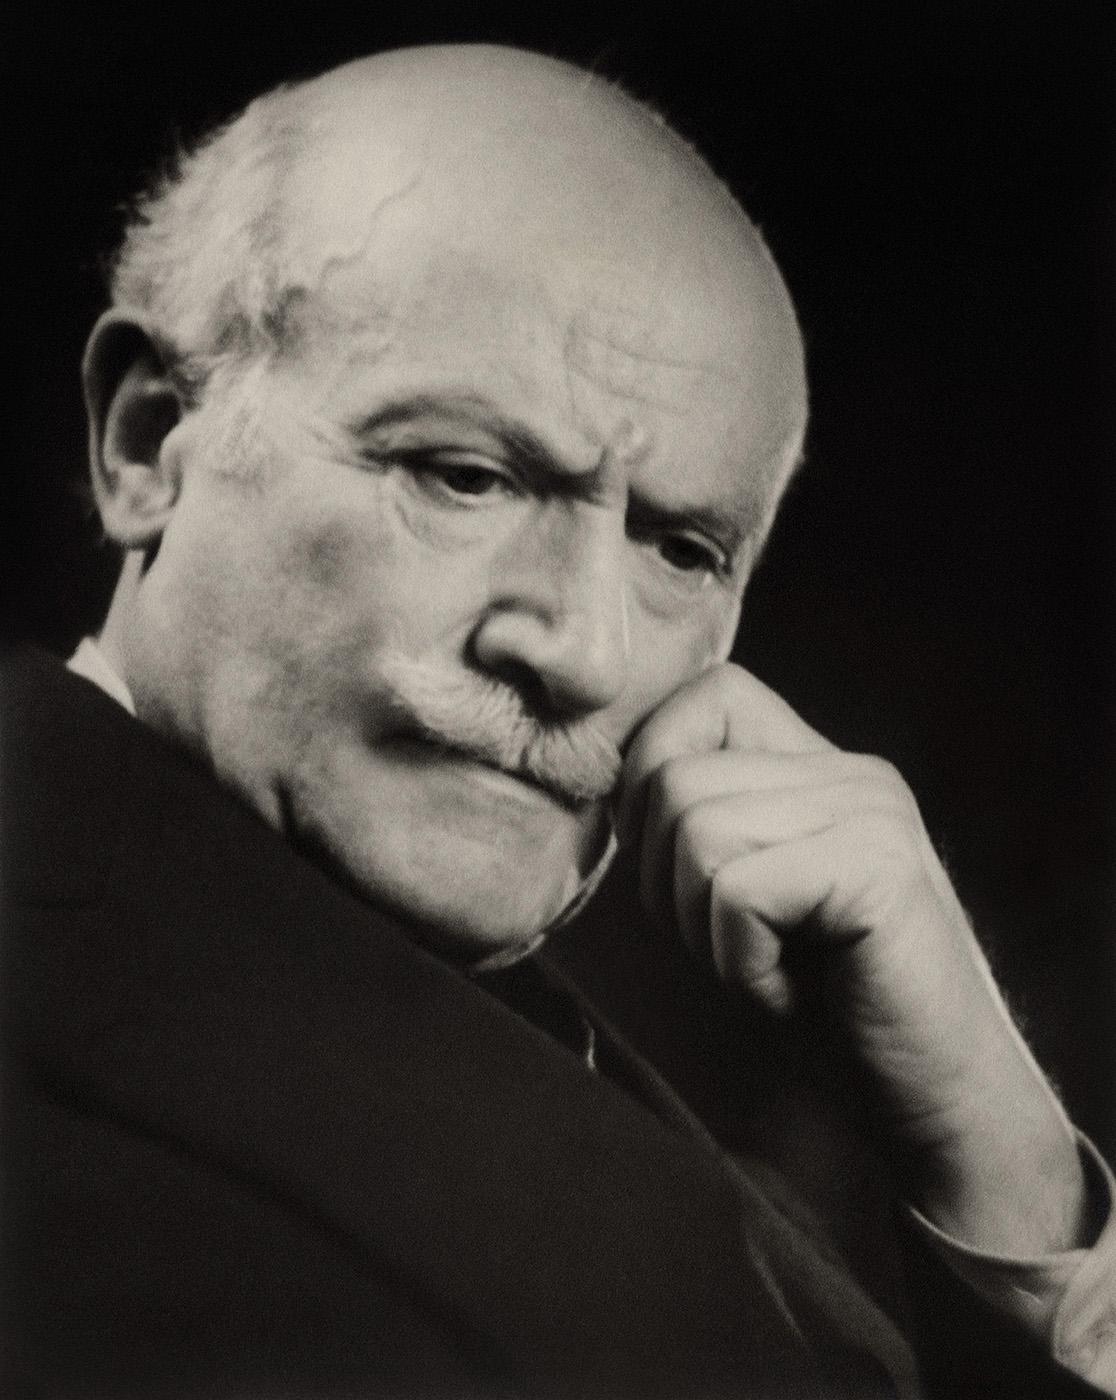 Philip De László, painter, London, 1937